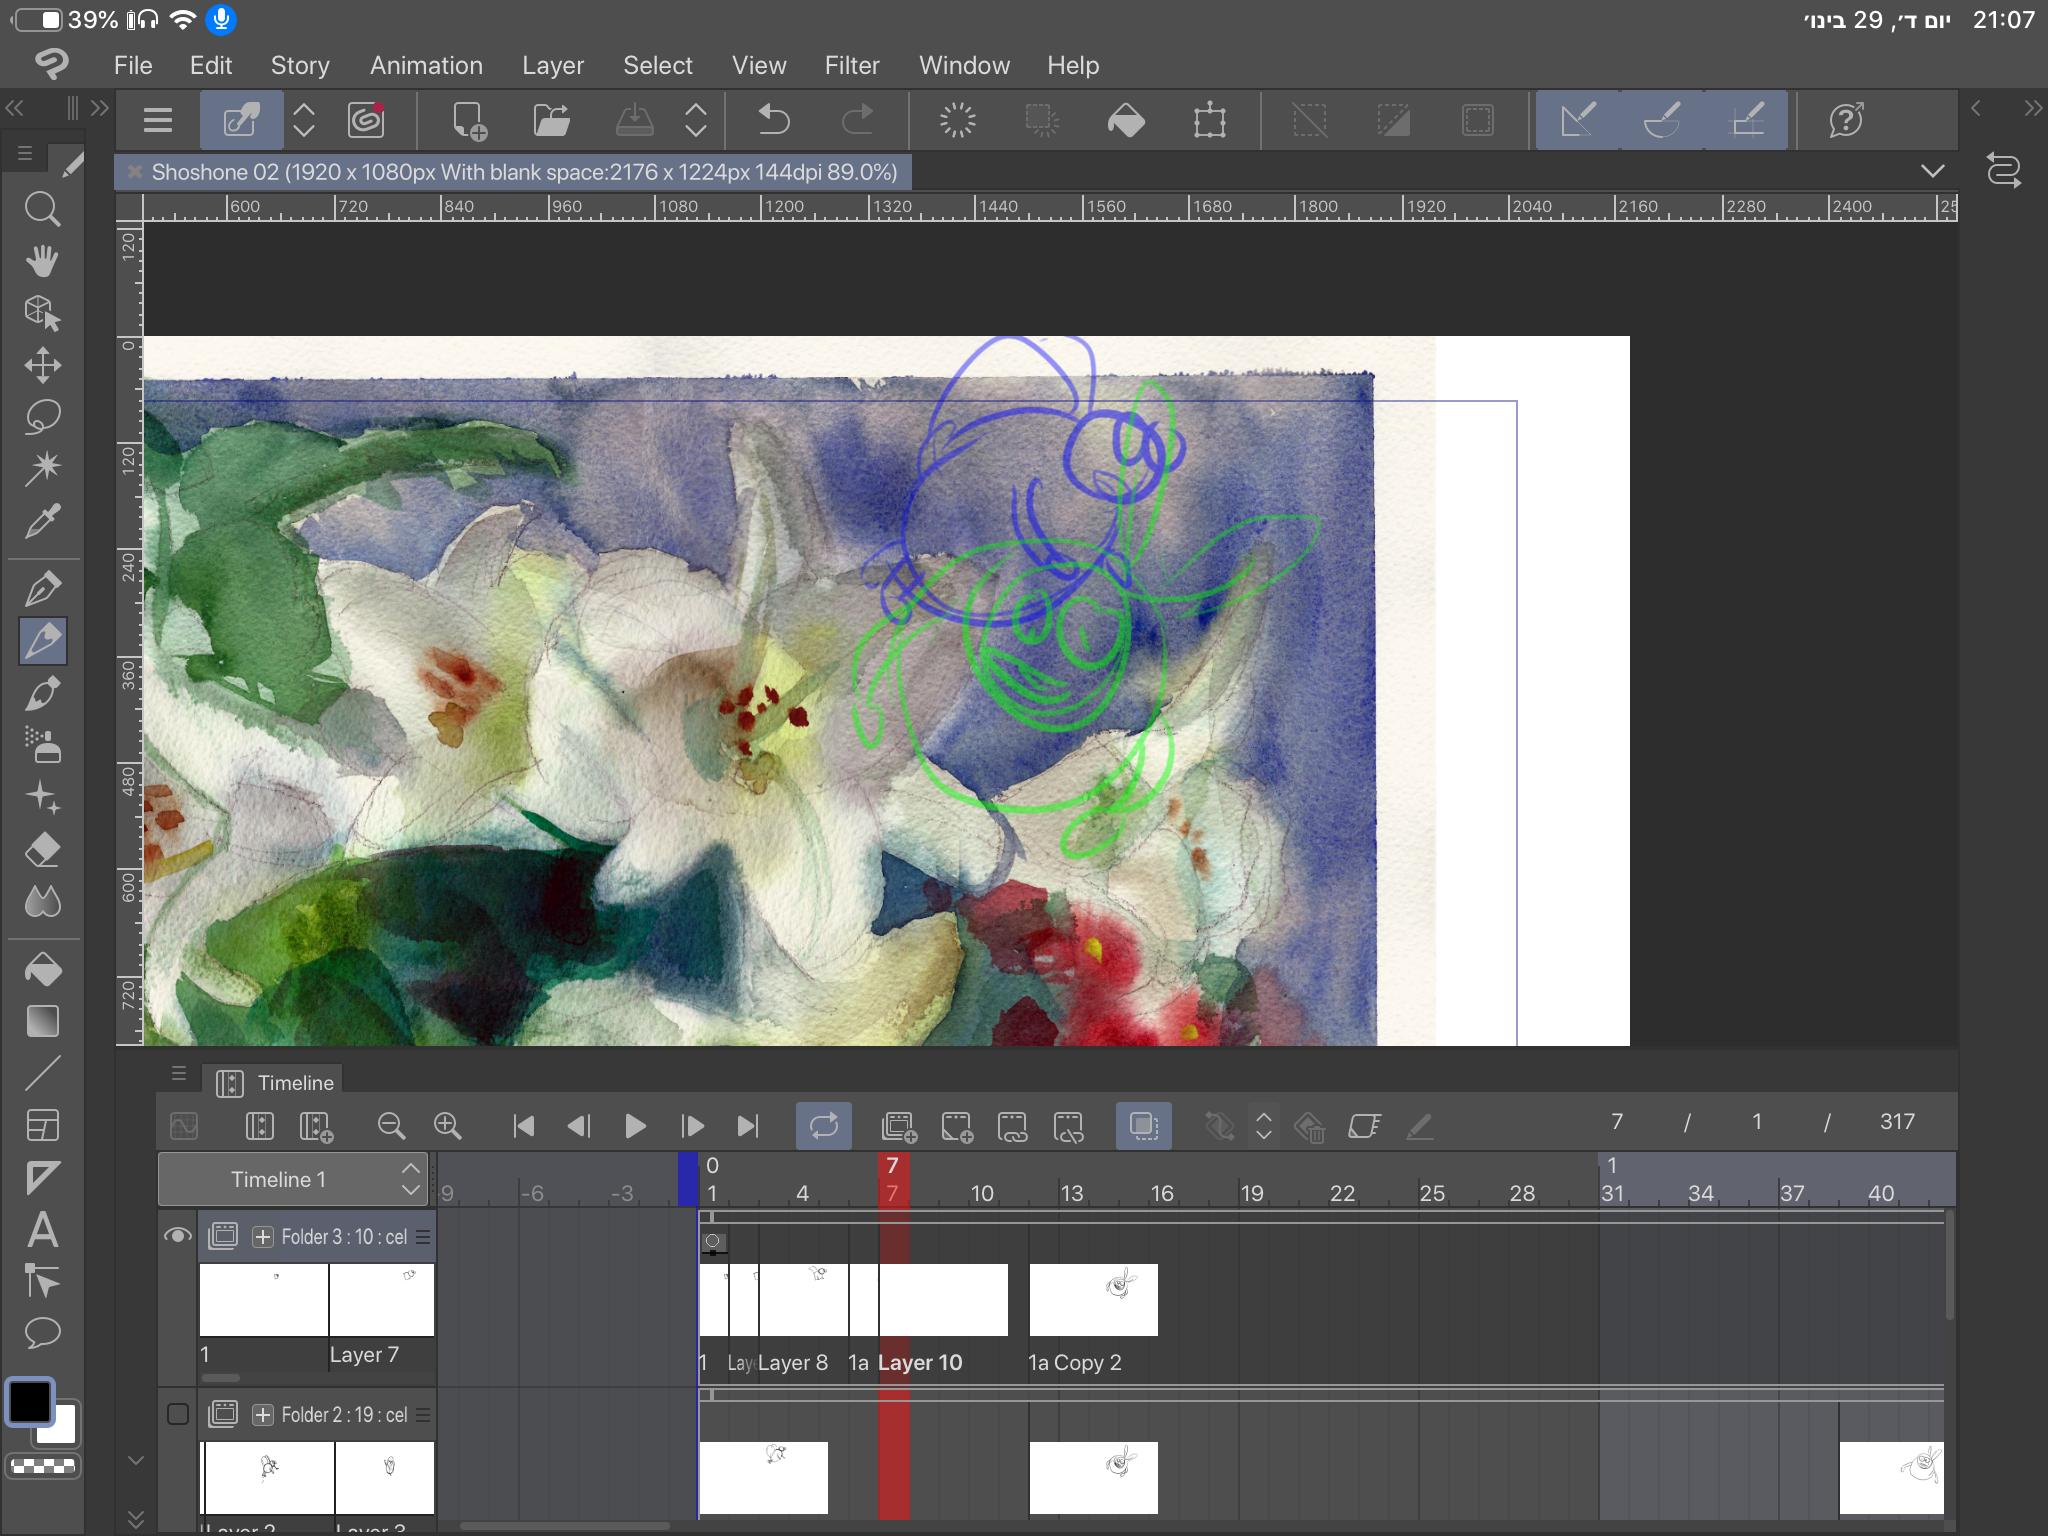 תכנון סצינה ושוט באנימציה קלאסית